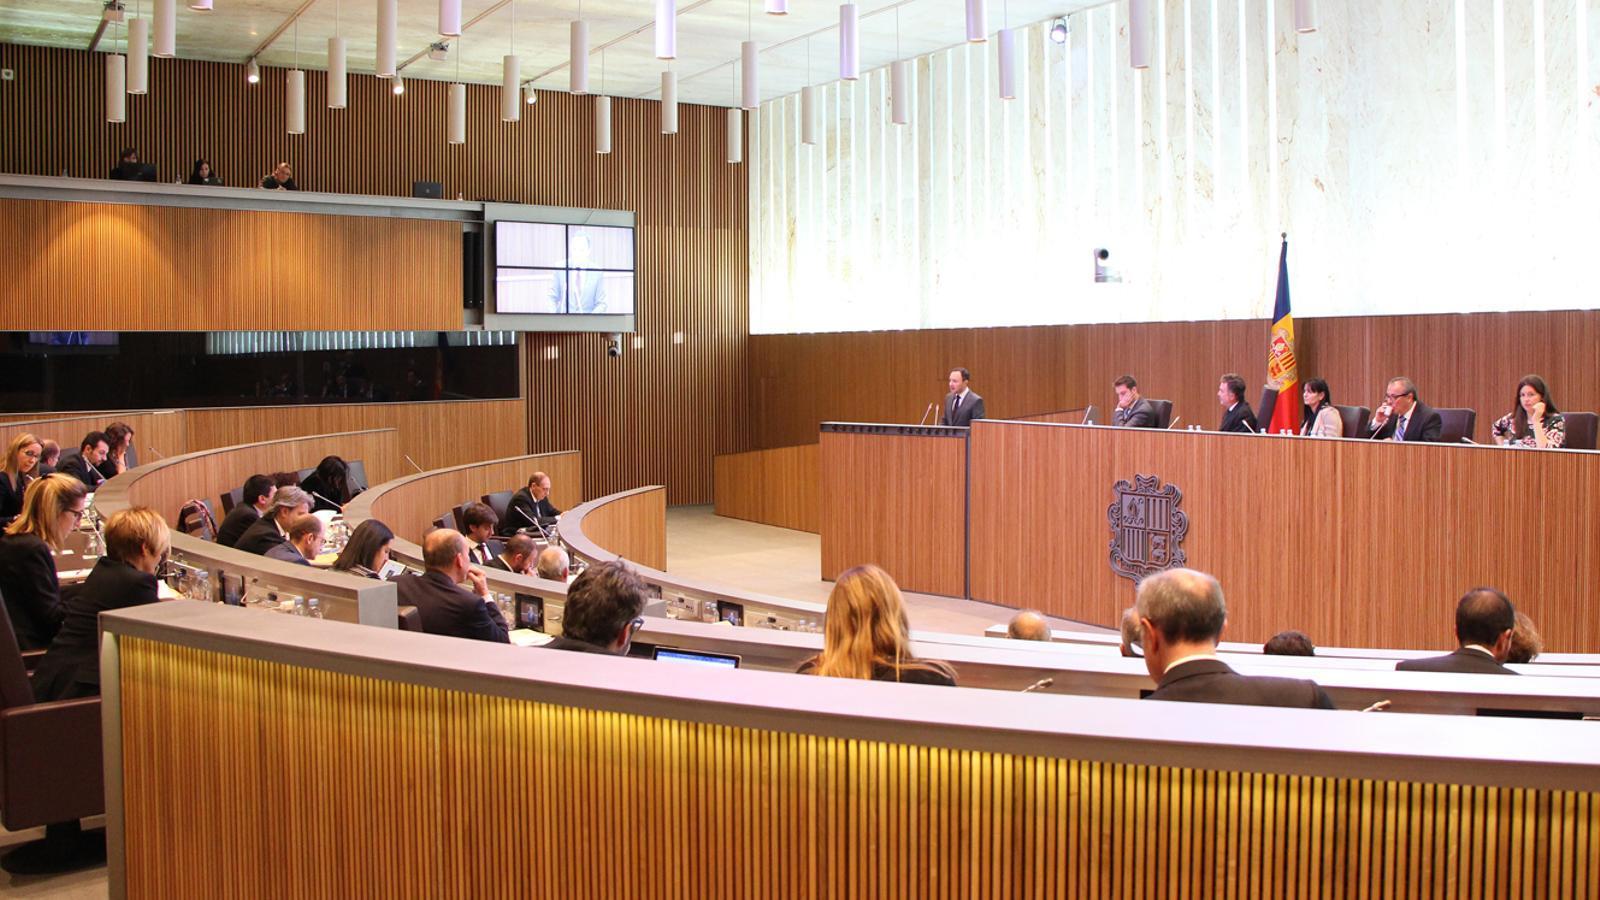 Una imatge general de l'hemicicle durant la intervenció del ministre d'Afers Socials, Justícia i Interior, Xavier Espot. / M. F. (ANA)